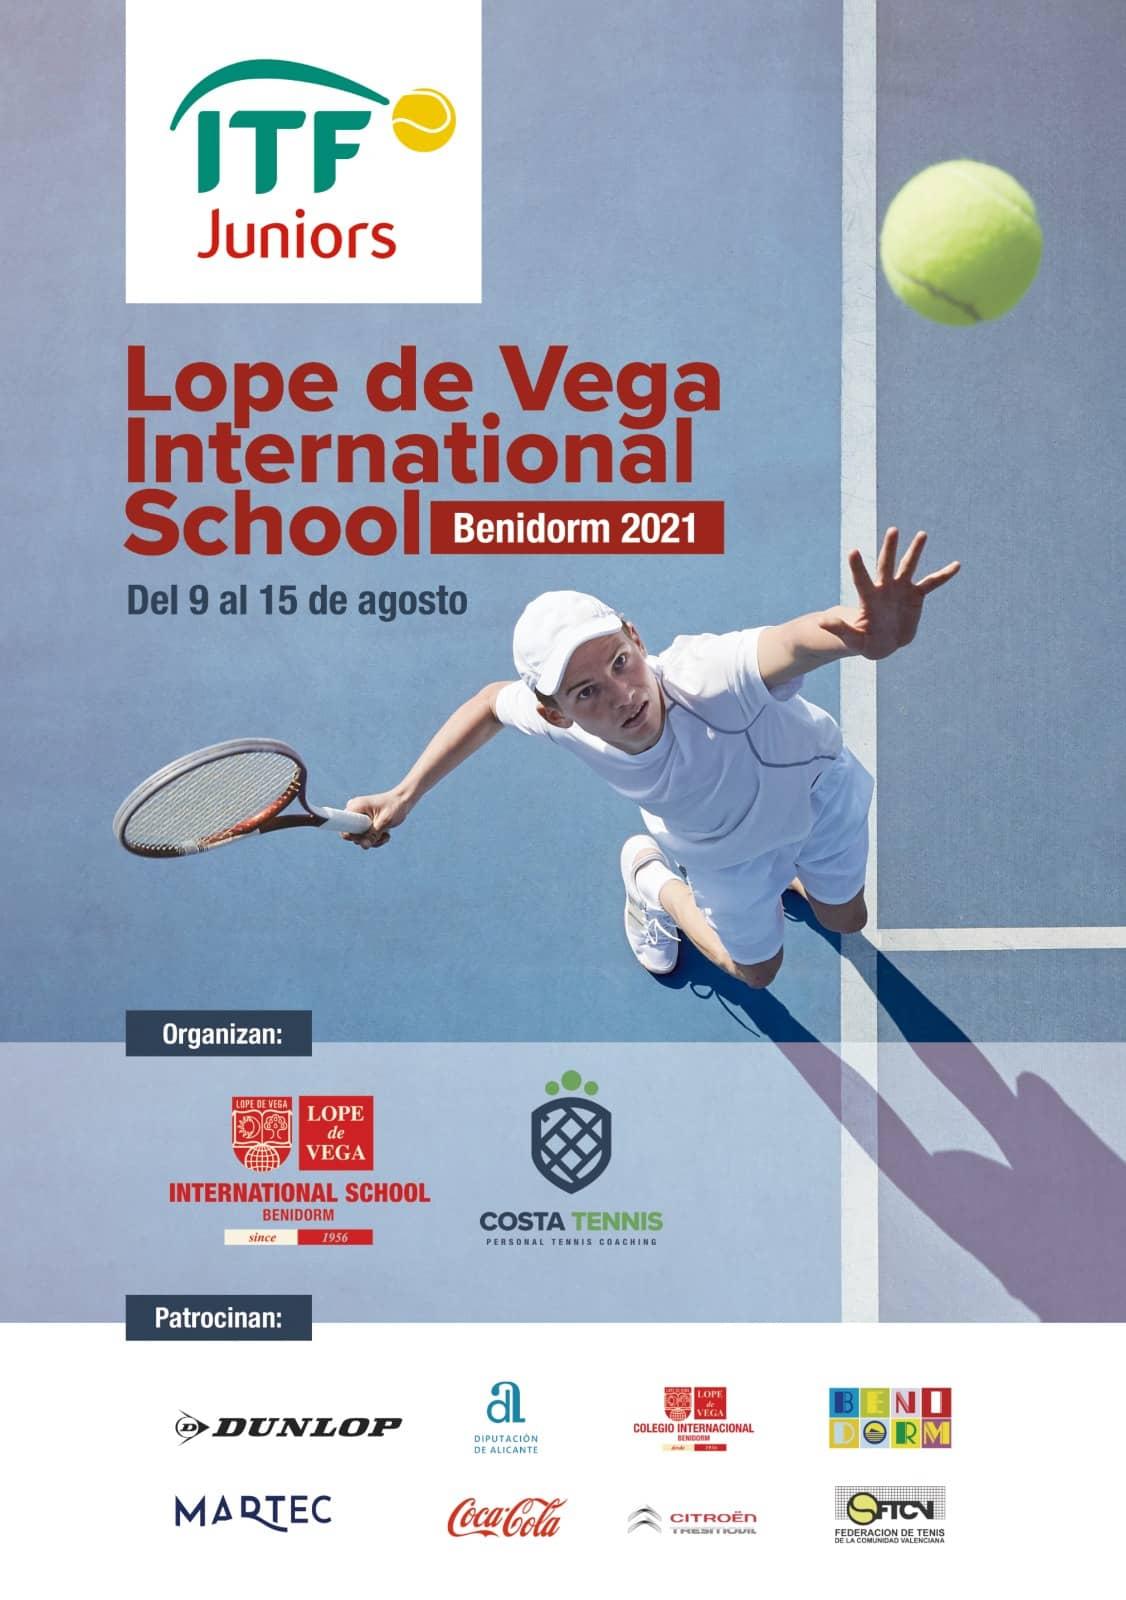 torneo de tenis ITF junior-2